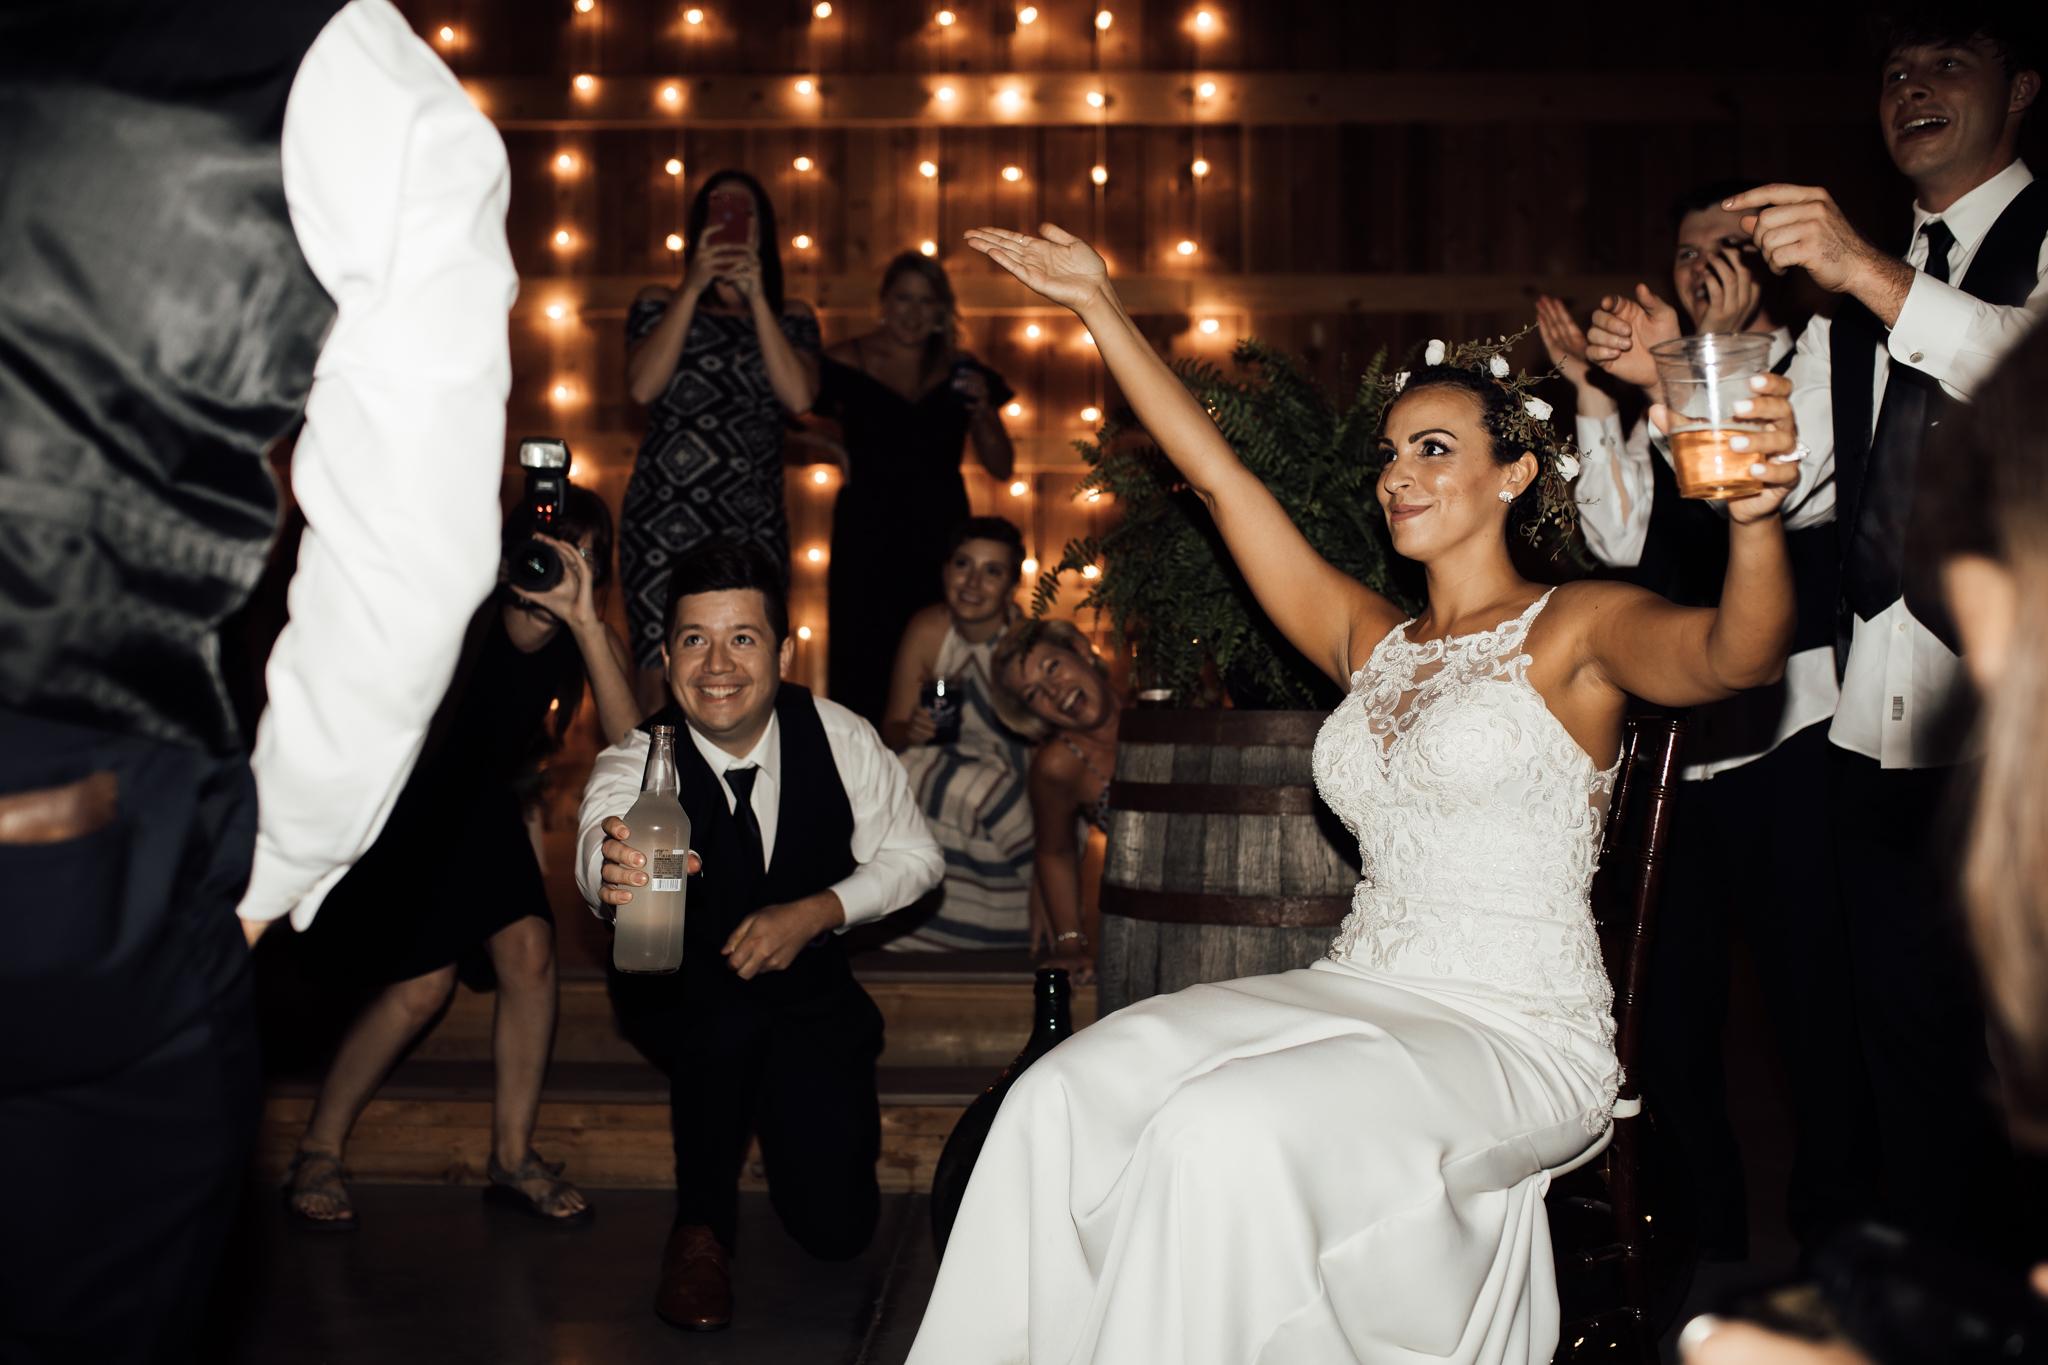 saddlewoodsfarms-nashville-wedding-photographer-thewarmtharoundyou-rustic-wedding (233 of 251).jpg